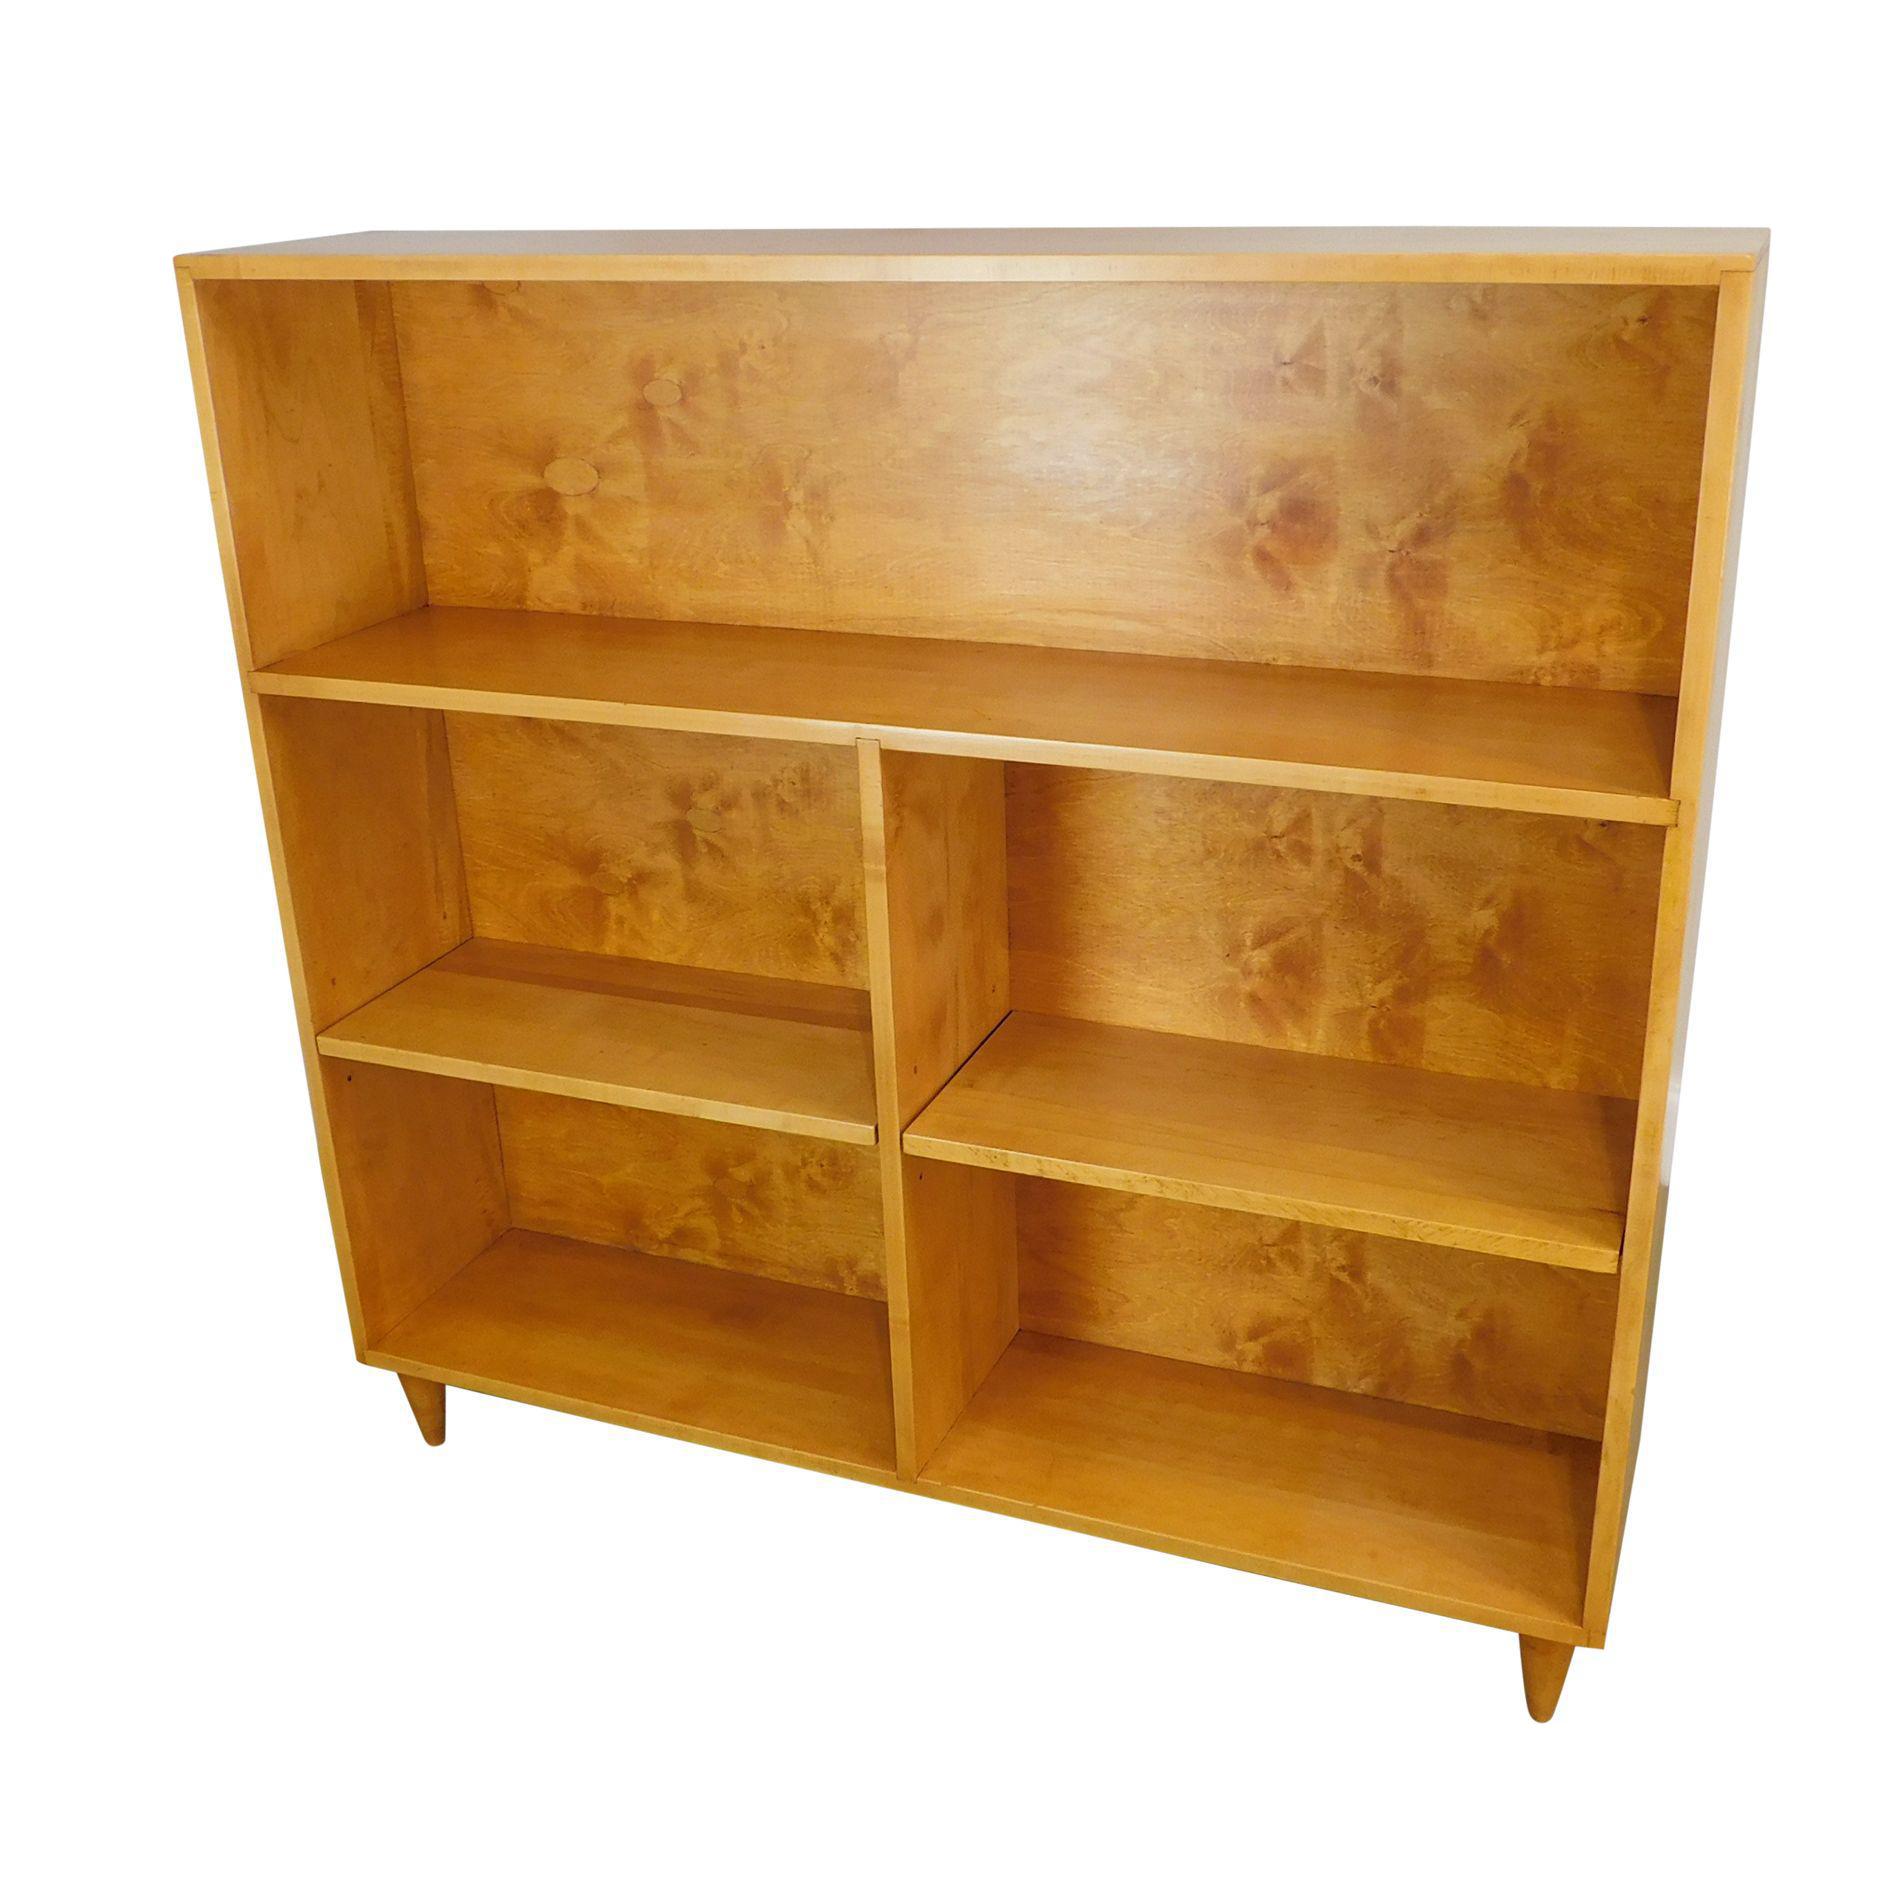 Paul Mccobb Style Mid Century Maple Open Bookcase